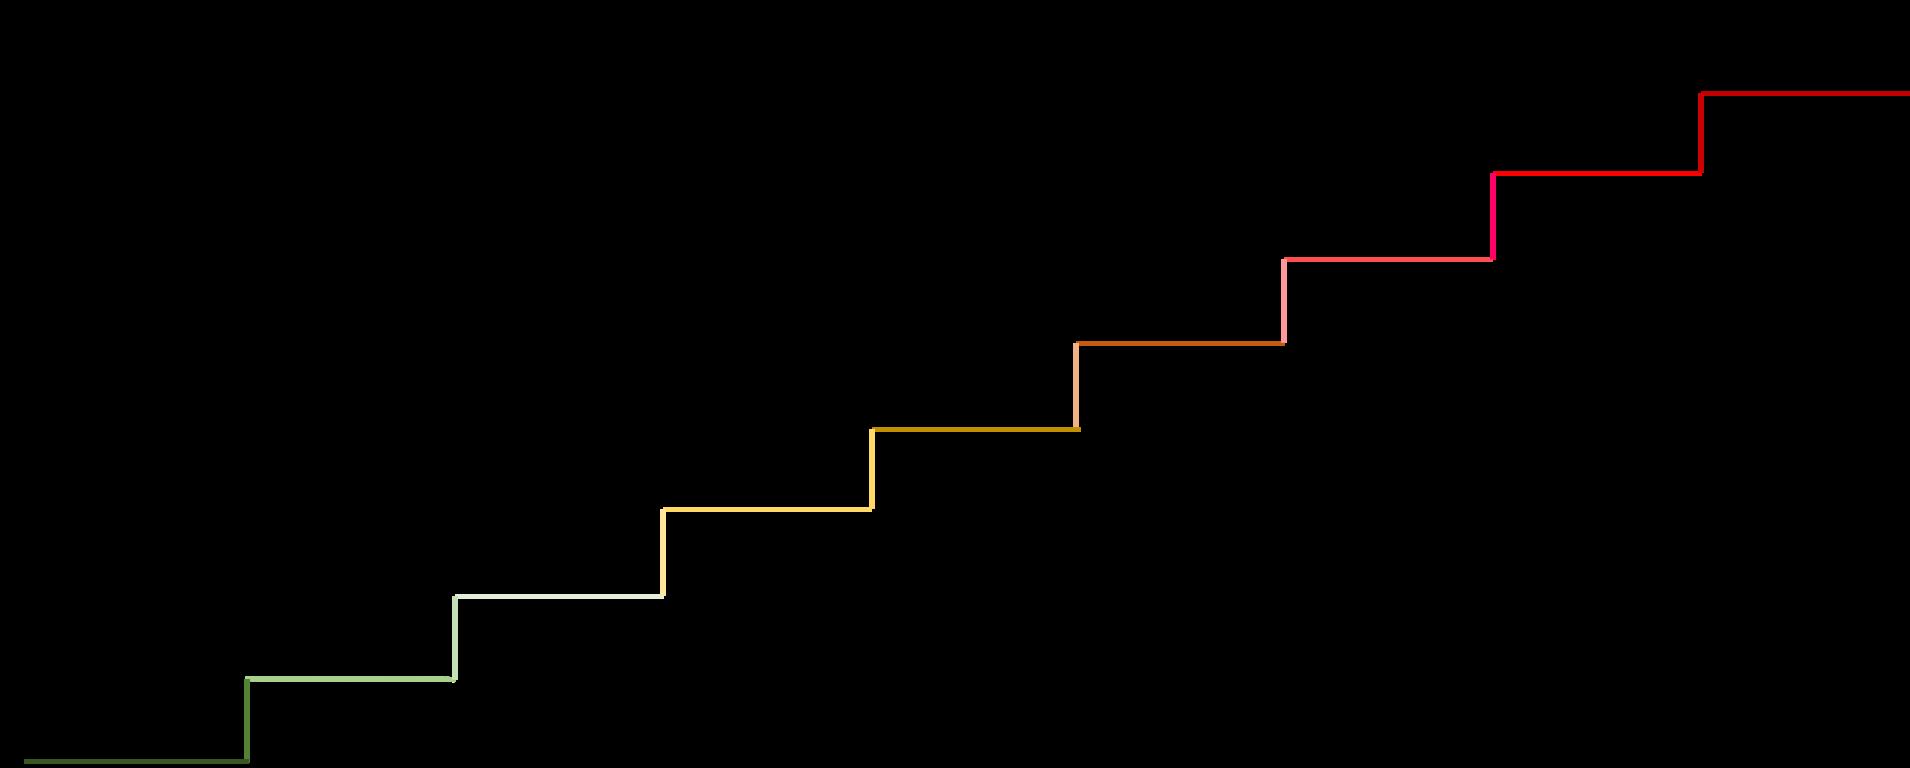 É o mesmo modelo de conflitos apresentado anteriormente, porém agora a escada está na ascendente. Também aparecem cores nos grandes grupos. Os 3 primeiros níveis (ganha-ganha) estão verdes, os níveis 4, 5 e 6, ganha-perde são amarelos. Os últimos três níveis (perde-perde) estão em vermelho.